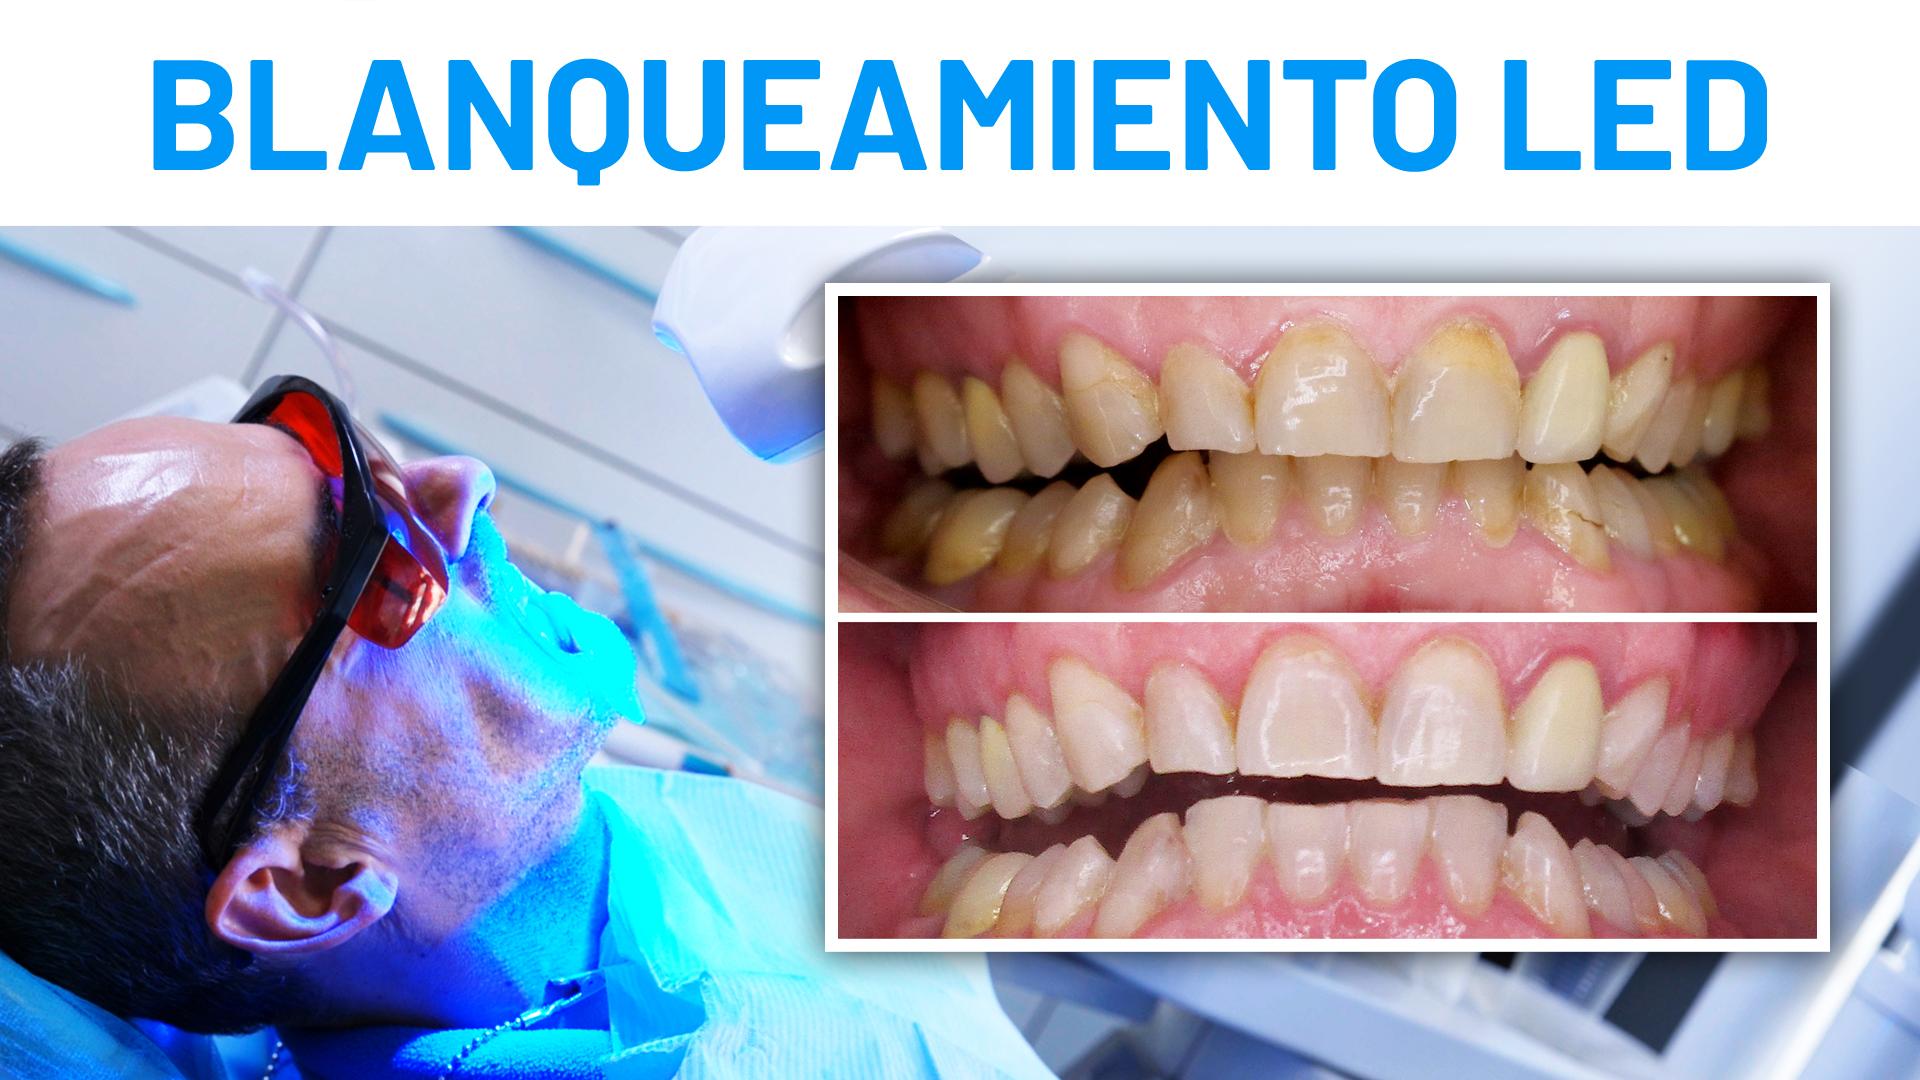 Blanqueamiento dental led - Antes y después